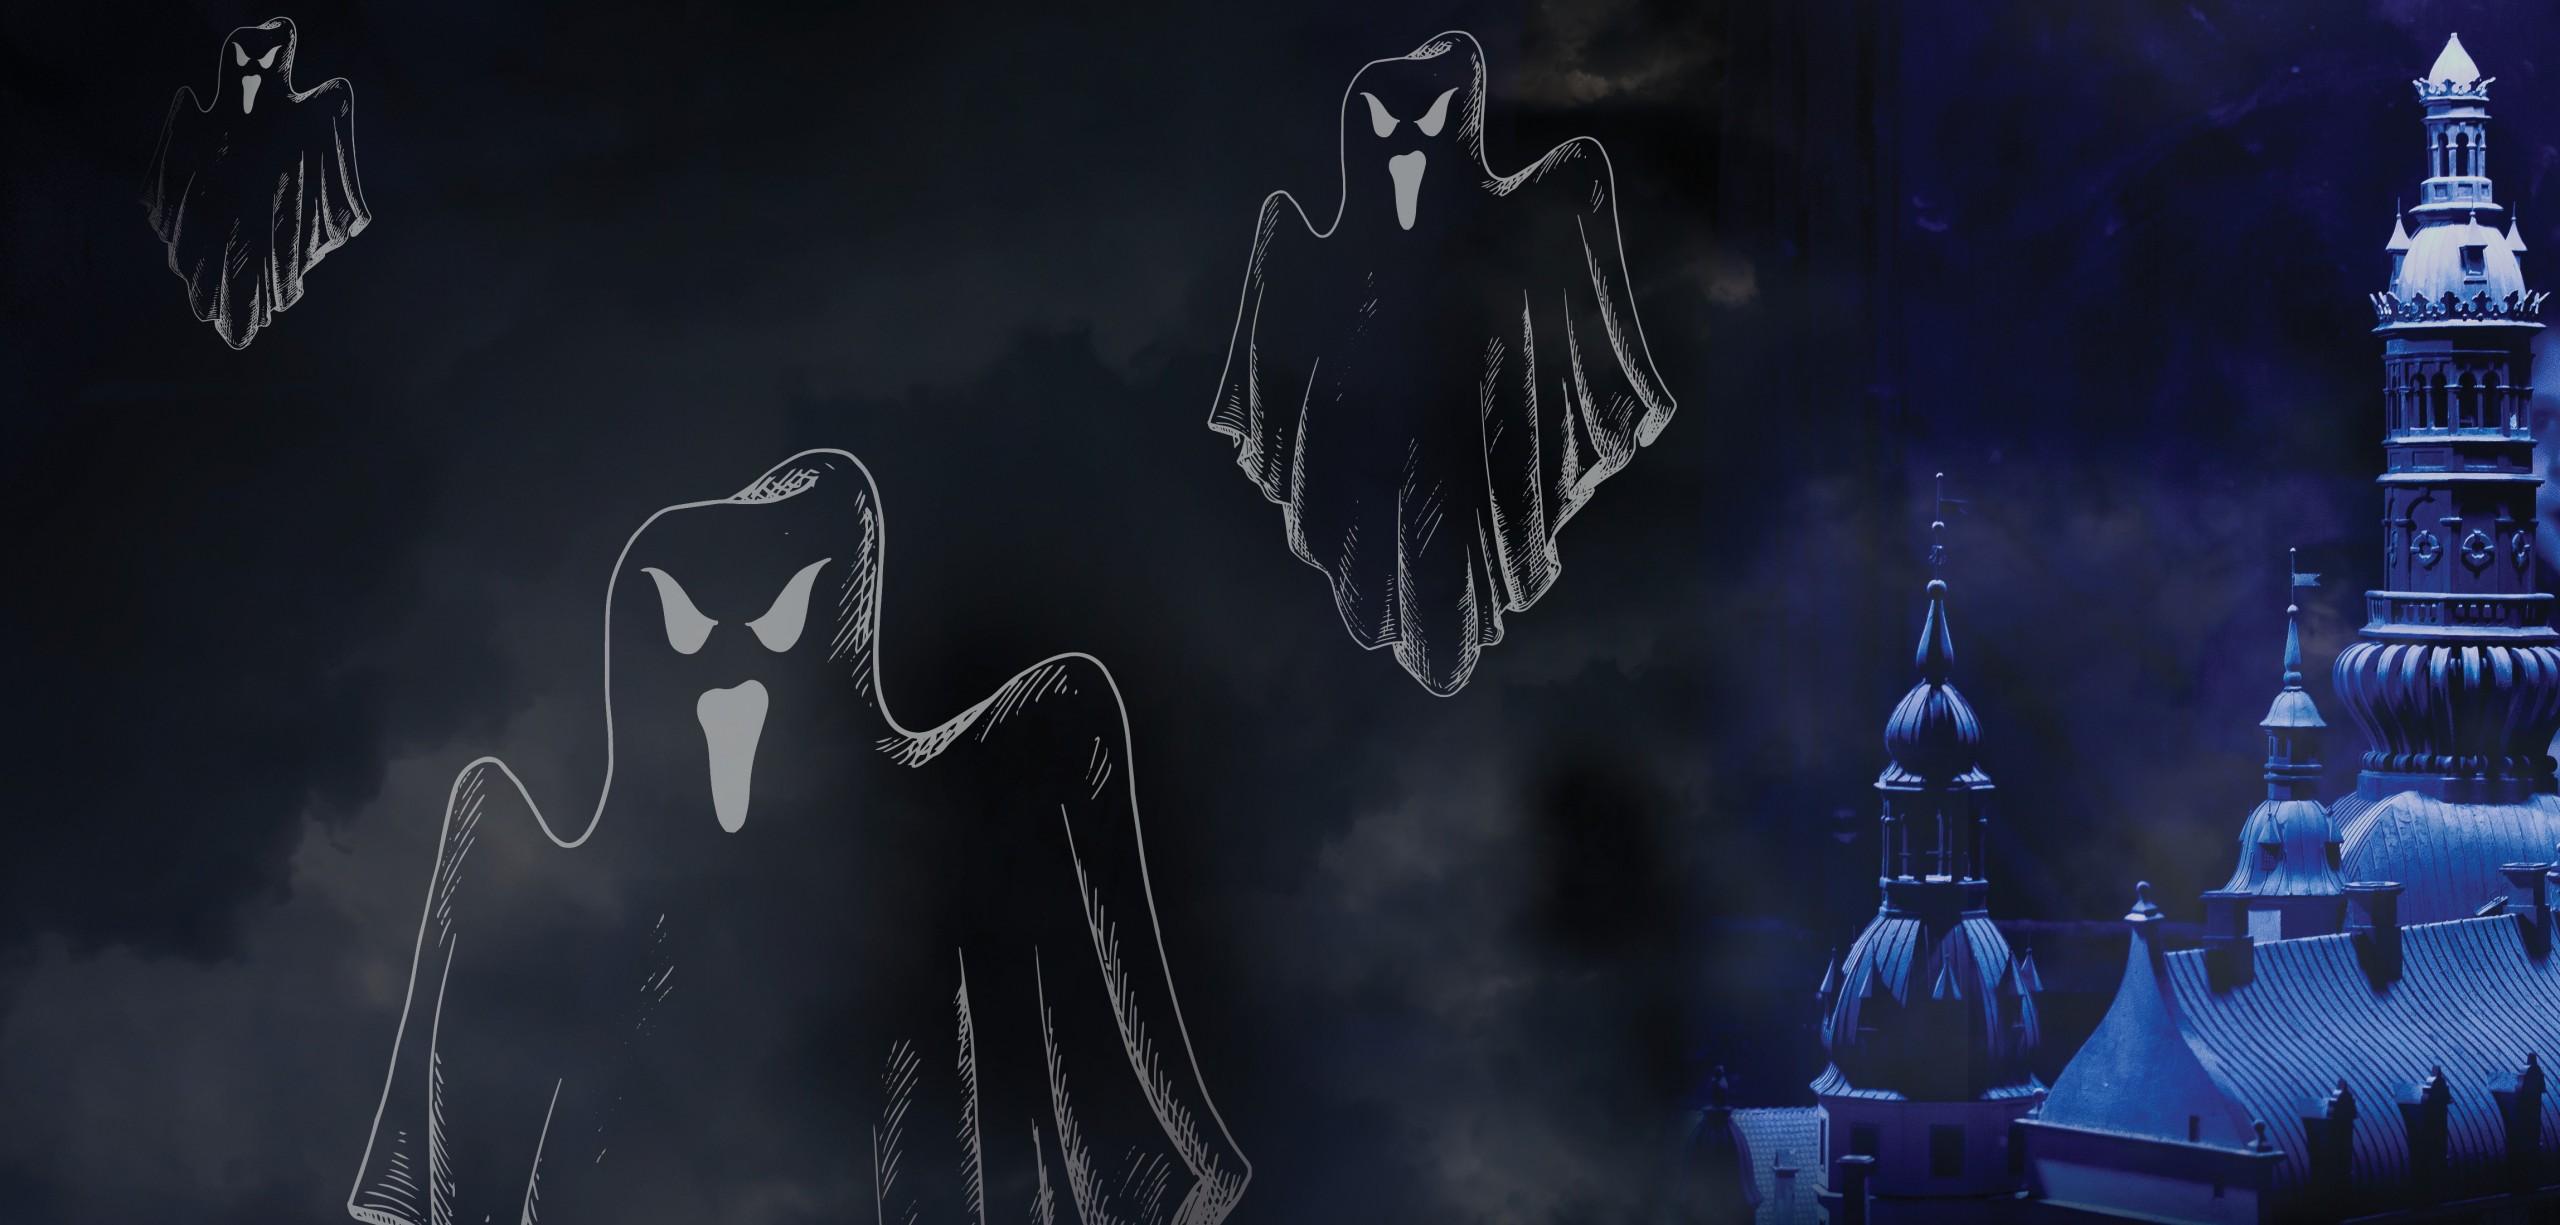 Blåtårns spøgelser_Thorkild Jensen_Thomas Rahbek